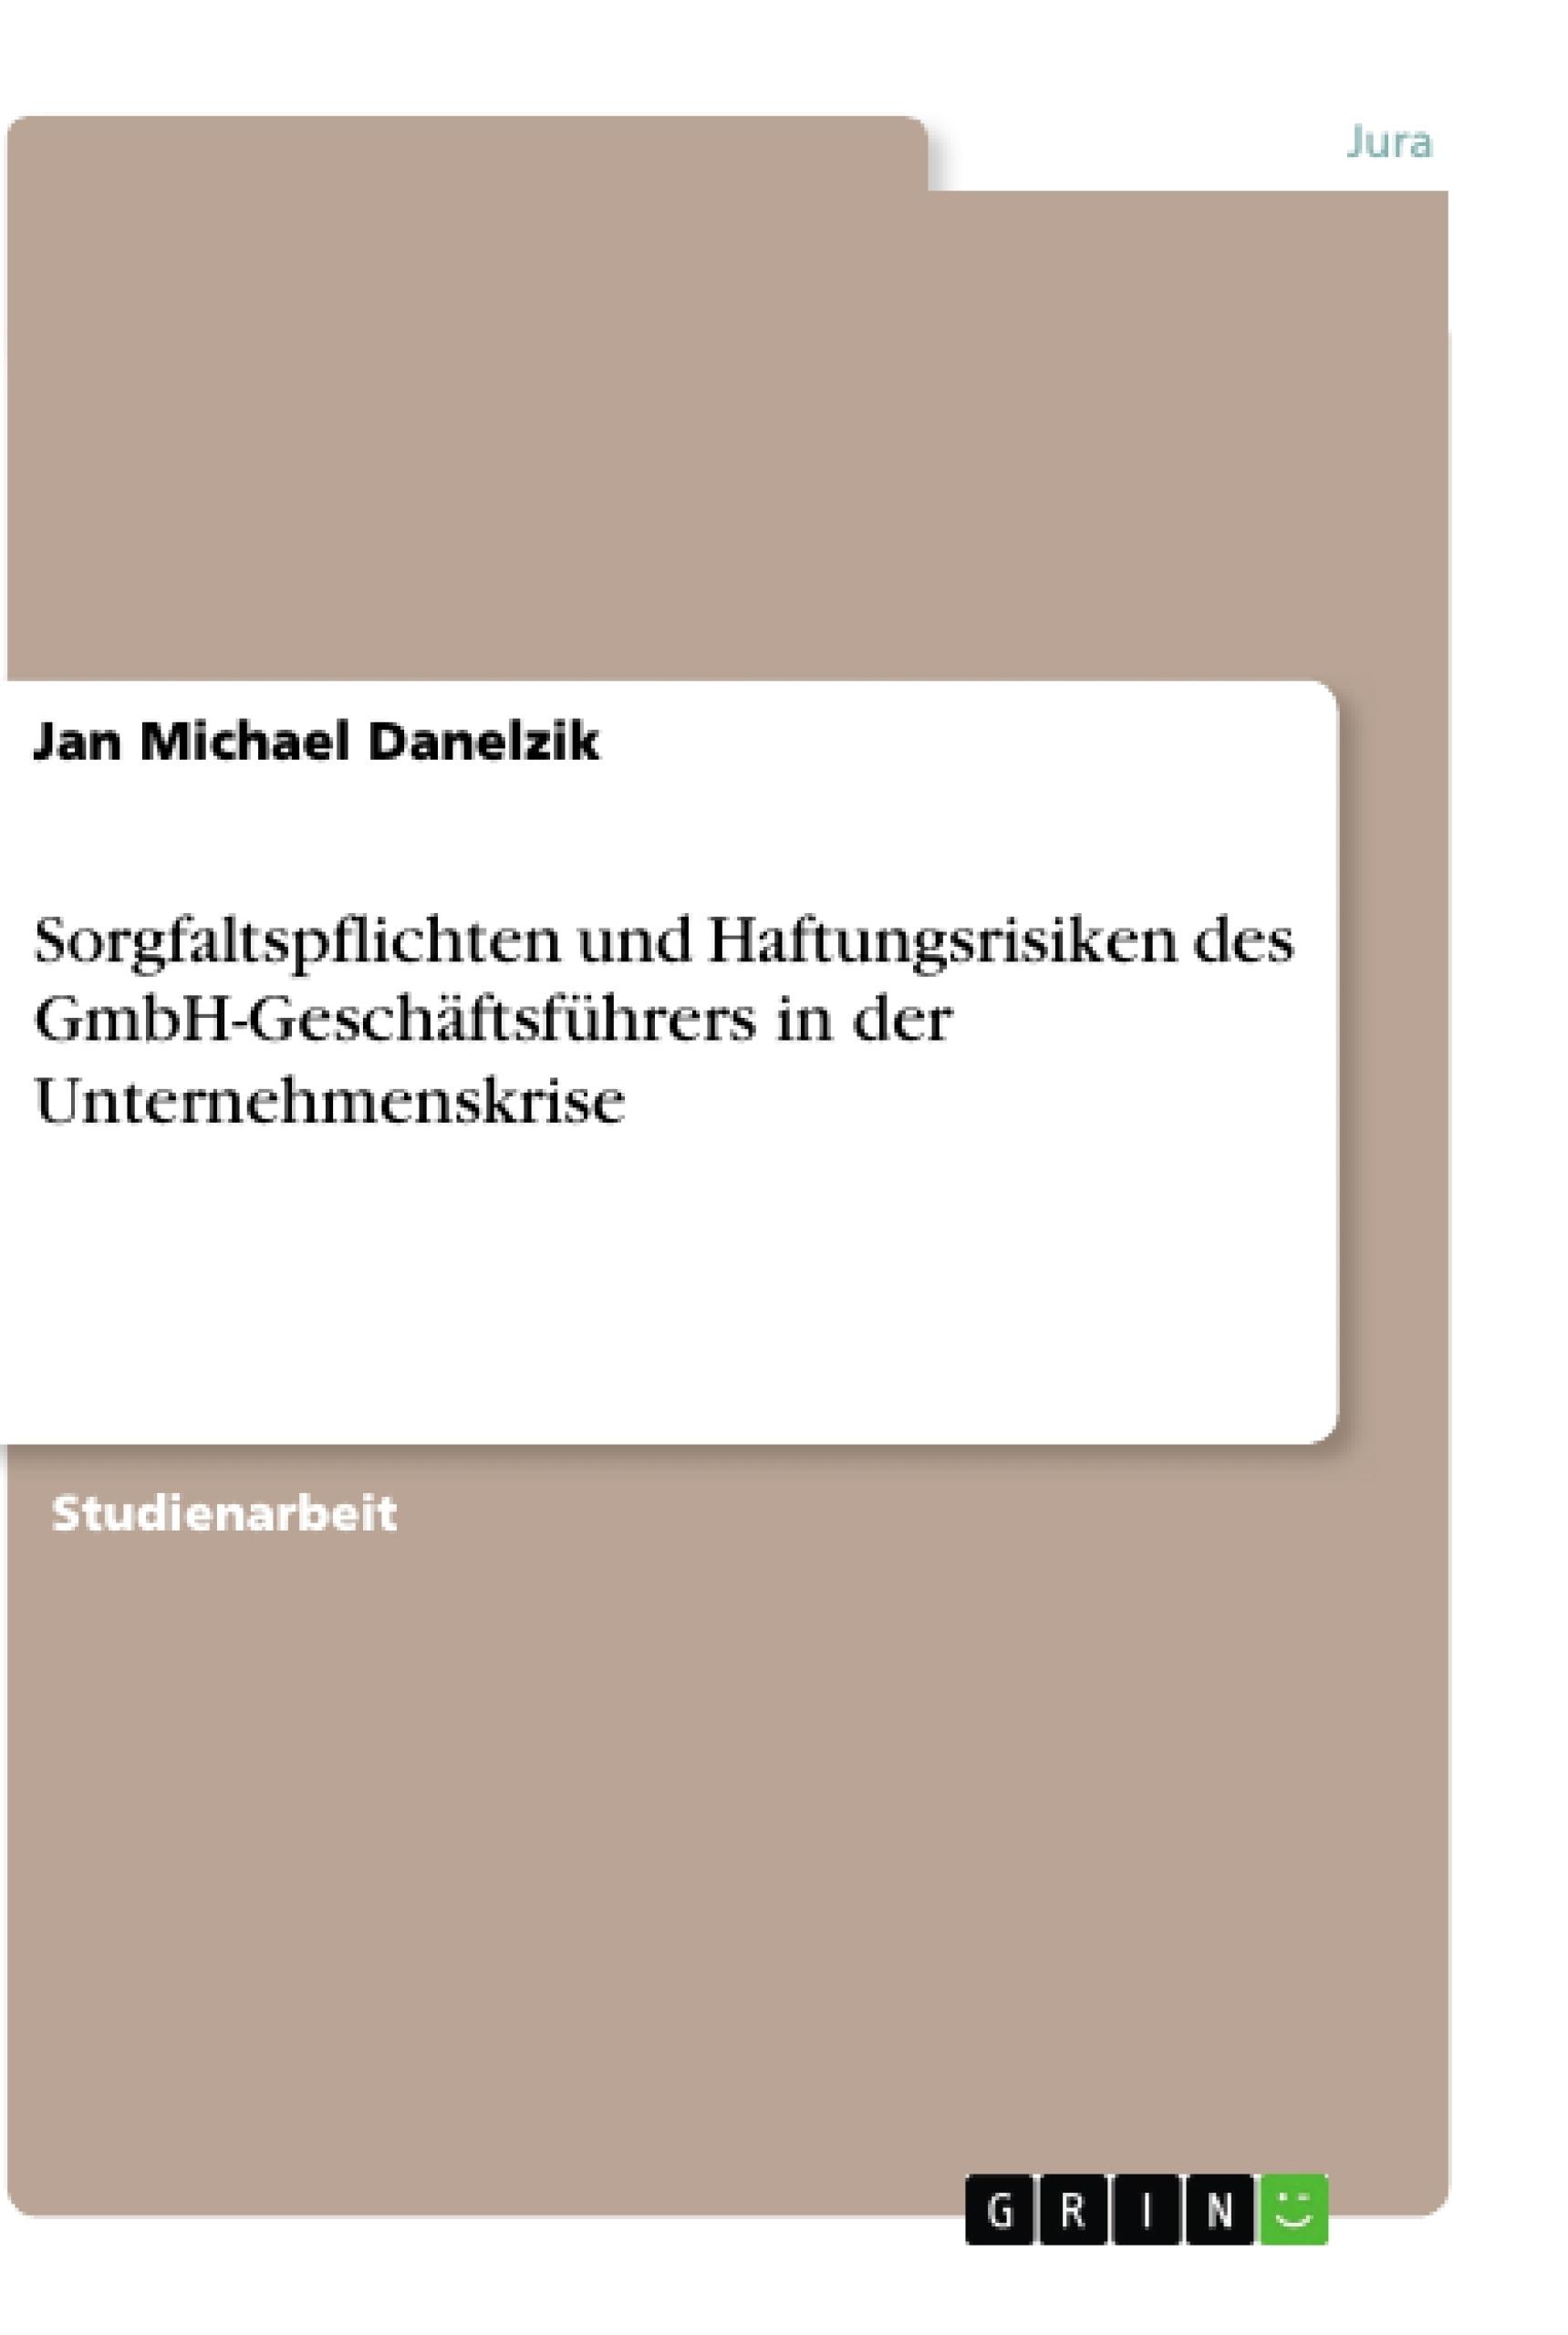 Titel: Sorgfaltspflichten und Haftungsrisiken des GmbH-Geschäftsführers in der Unternehmenskrise